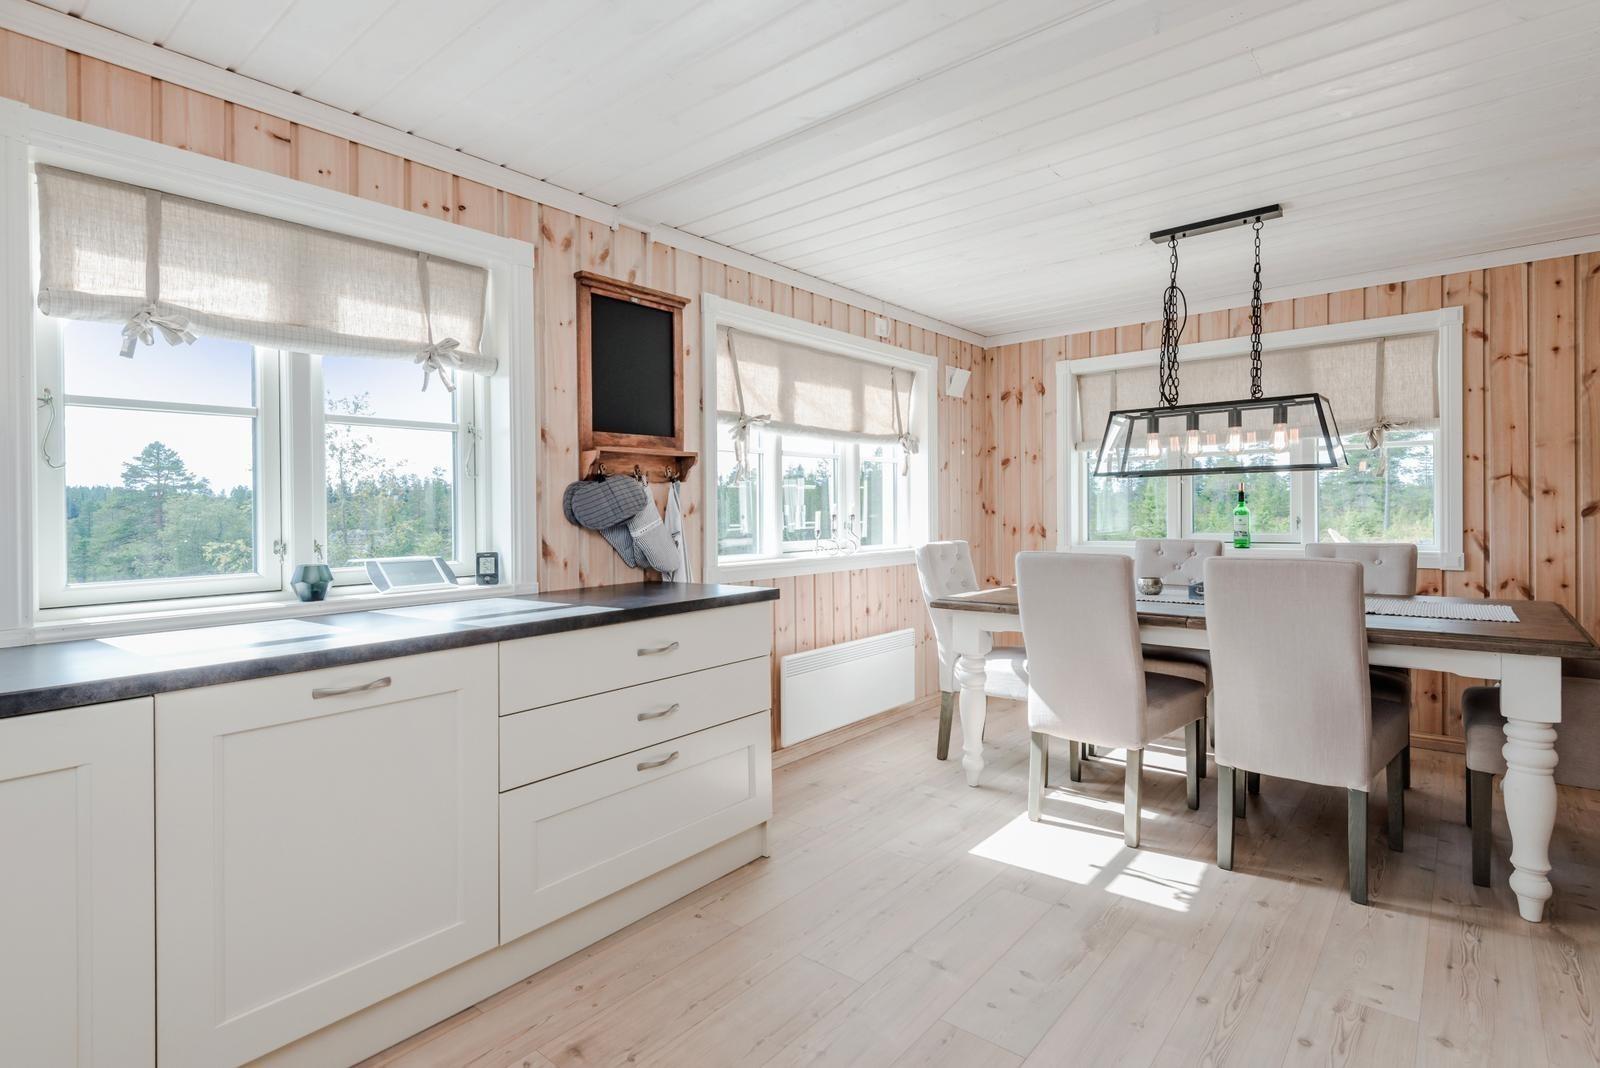 Profilert kjøkken med valgfri farge fra Drømme kjøkken er inkludert.